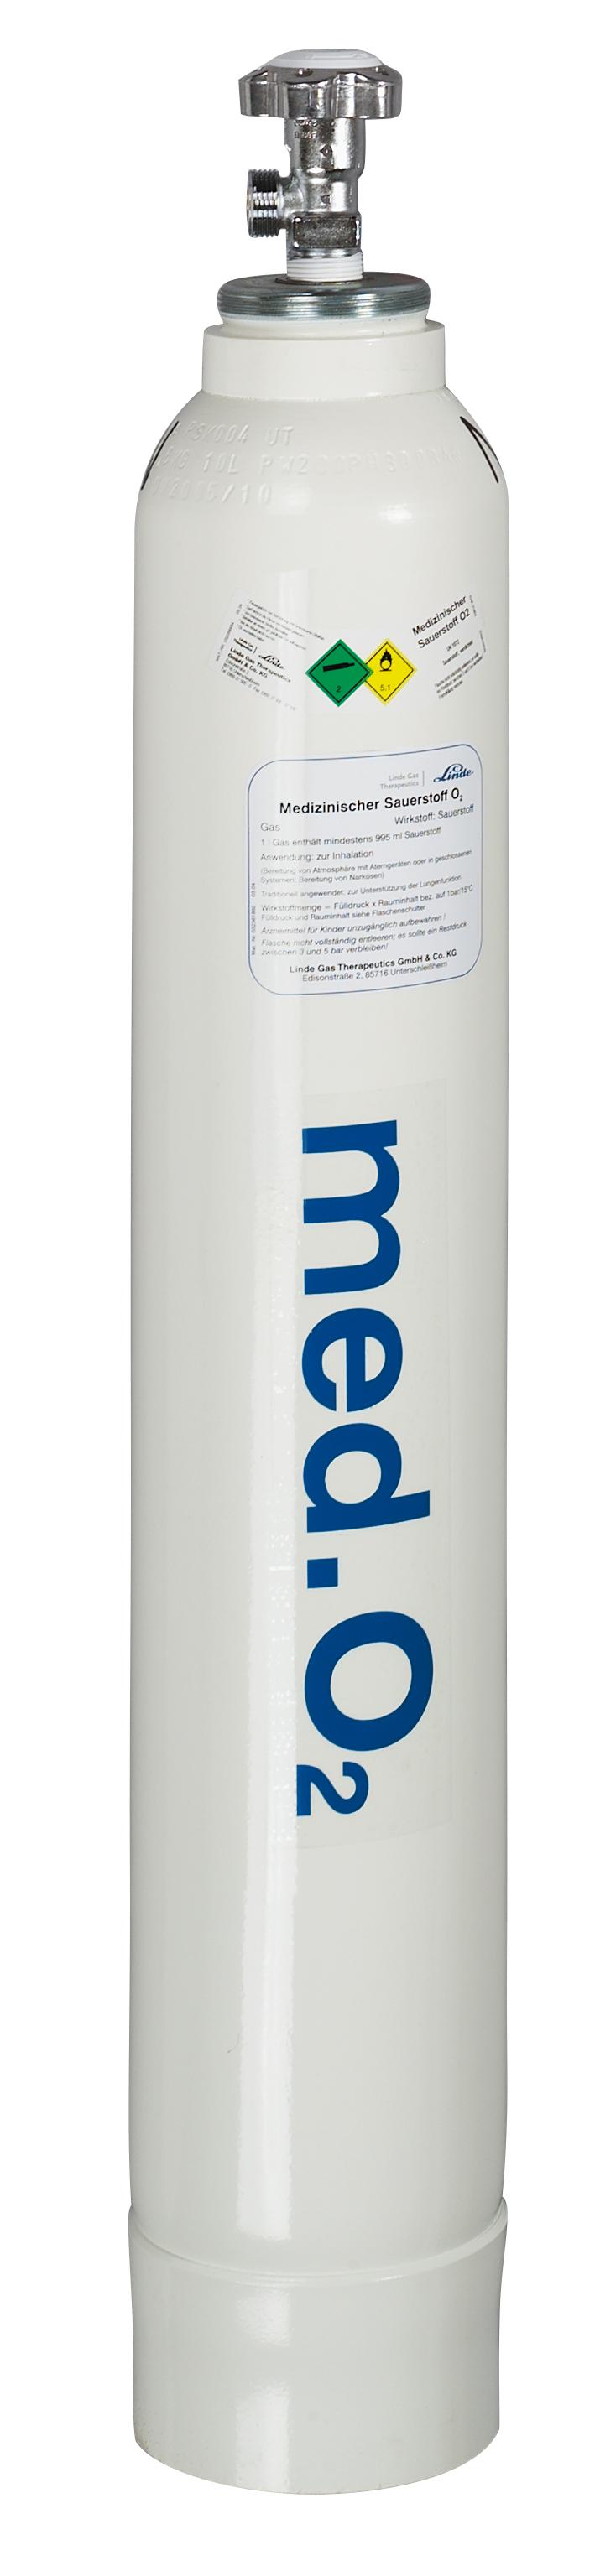 Sauerstoffflasche, gefüllt, G 3/4, mit Glockenkappe und Fußring, 10 l